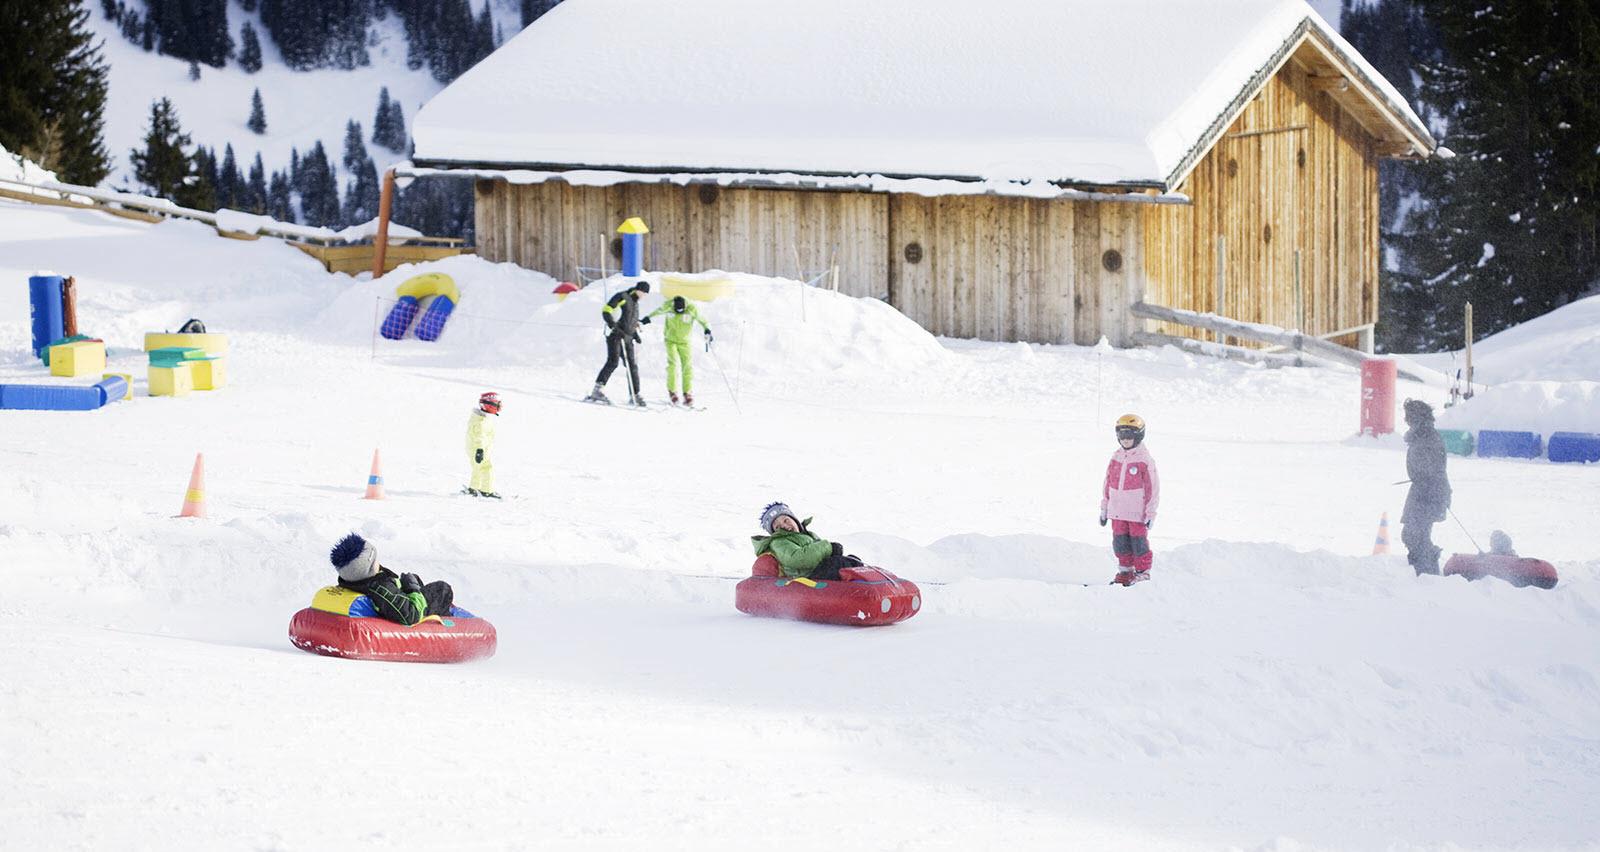 атракціони для зими